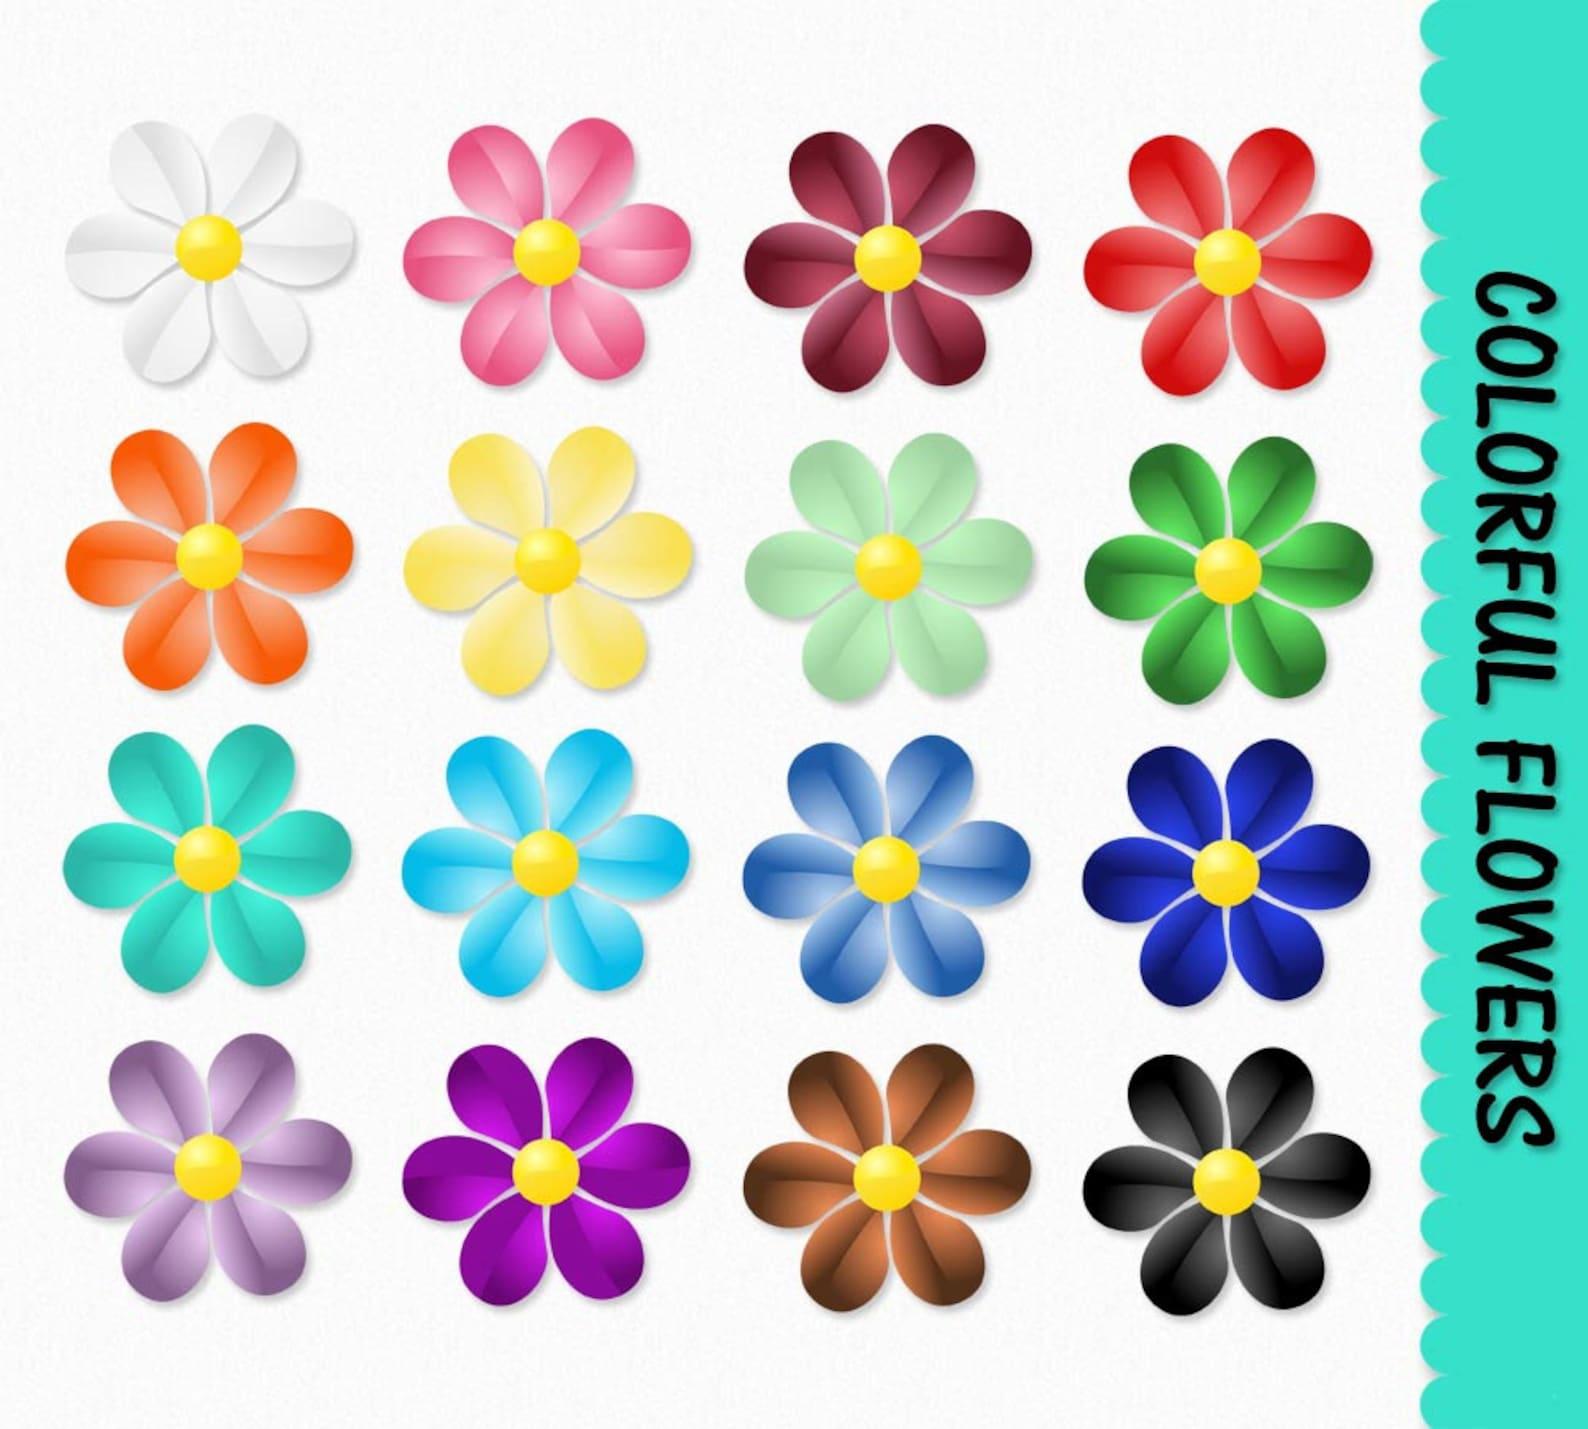 Днем, цветы картинки цветные для оформления распечатать и вырезать